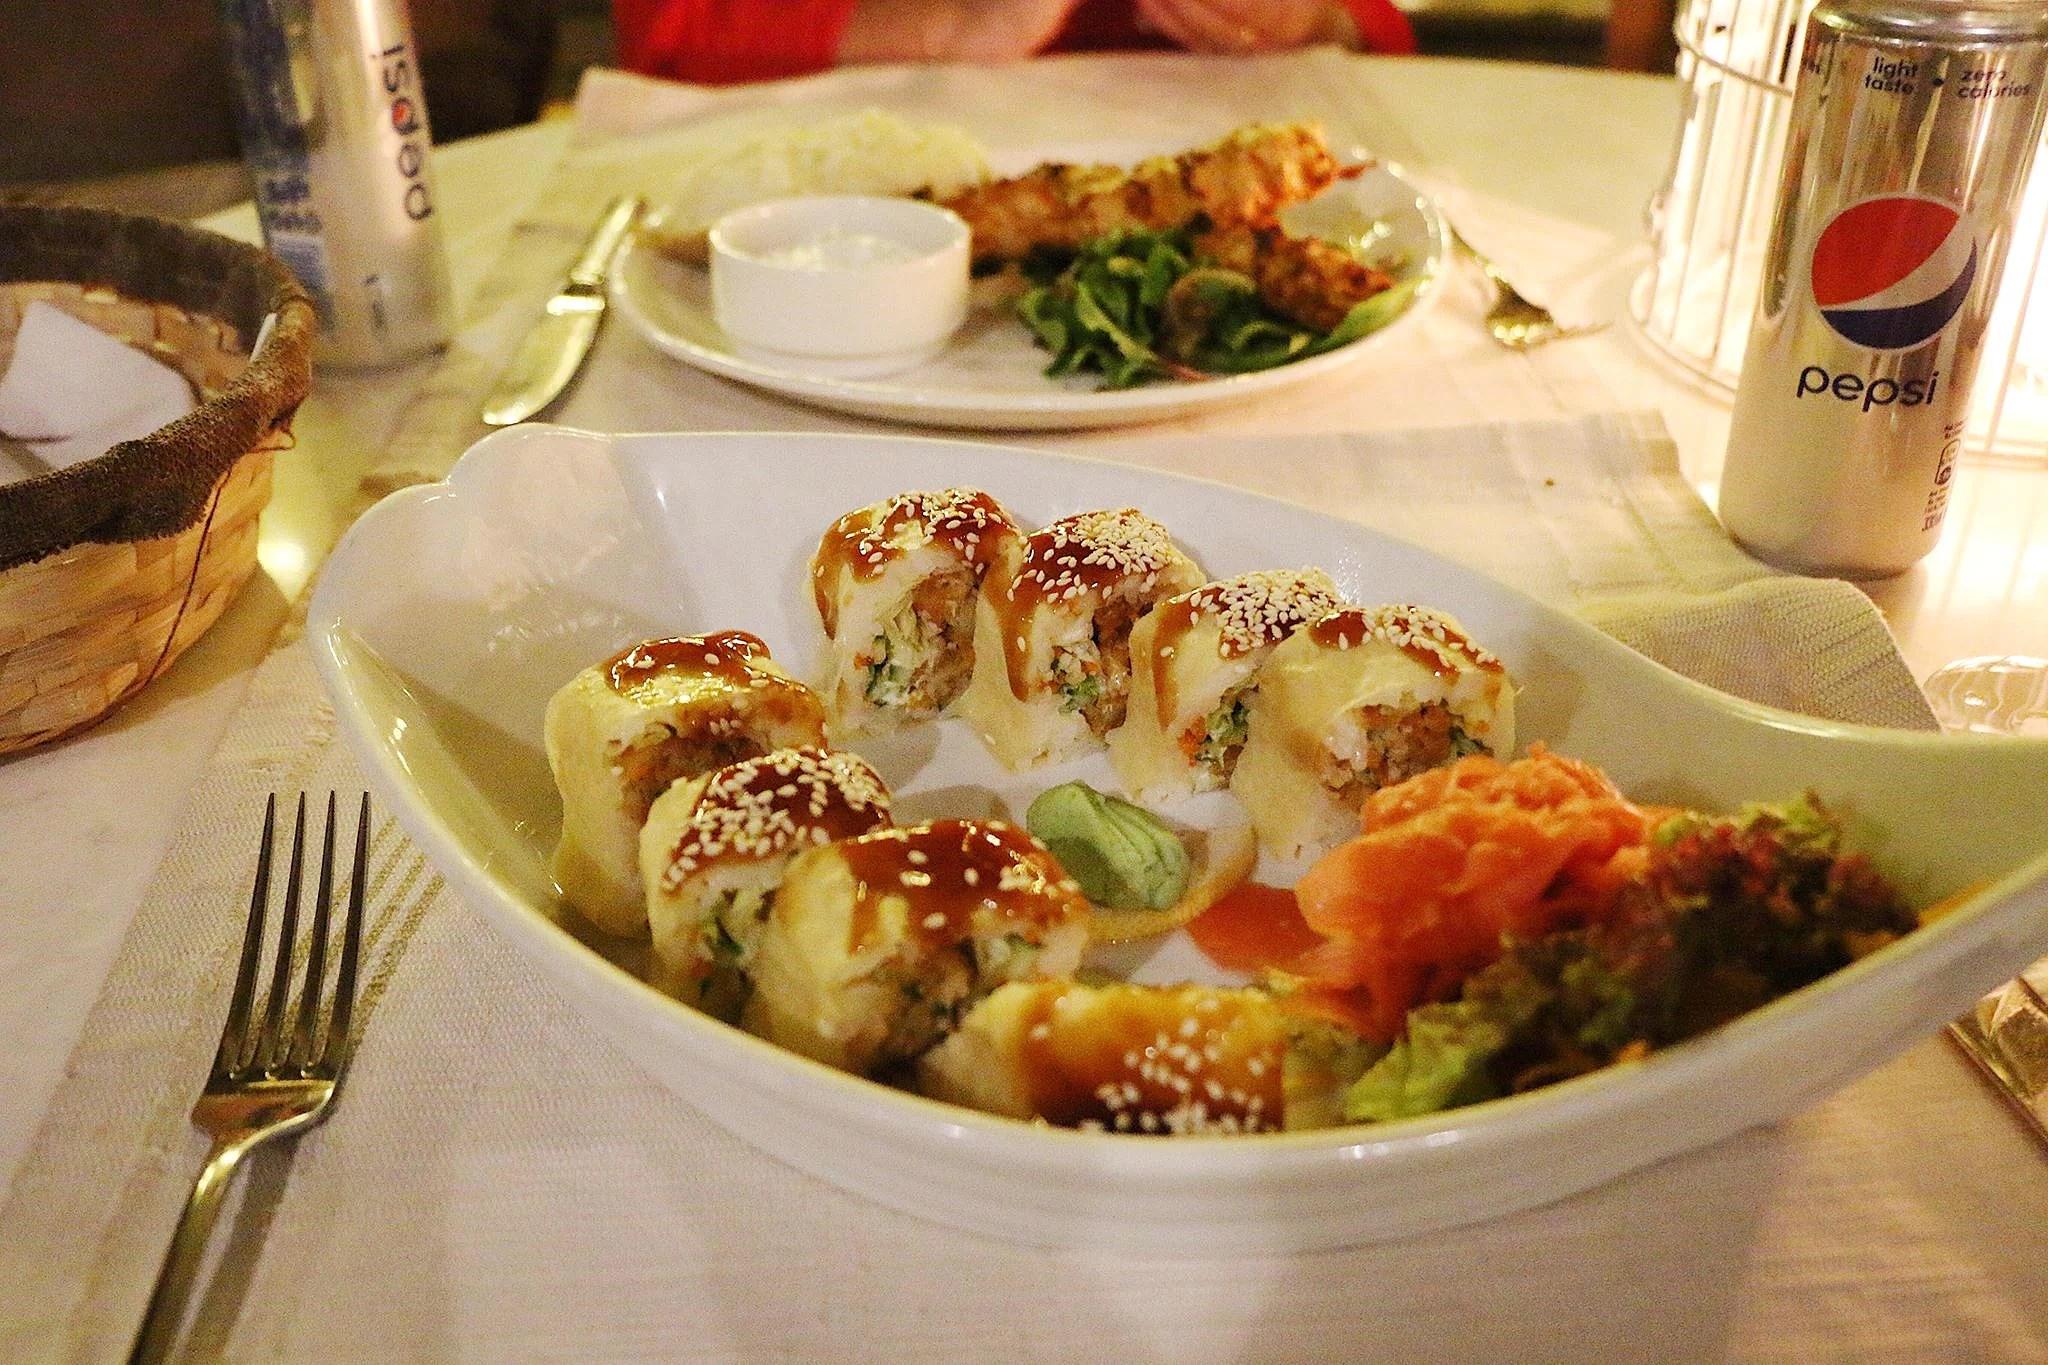 godaste sushin jag har ätit